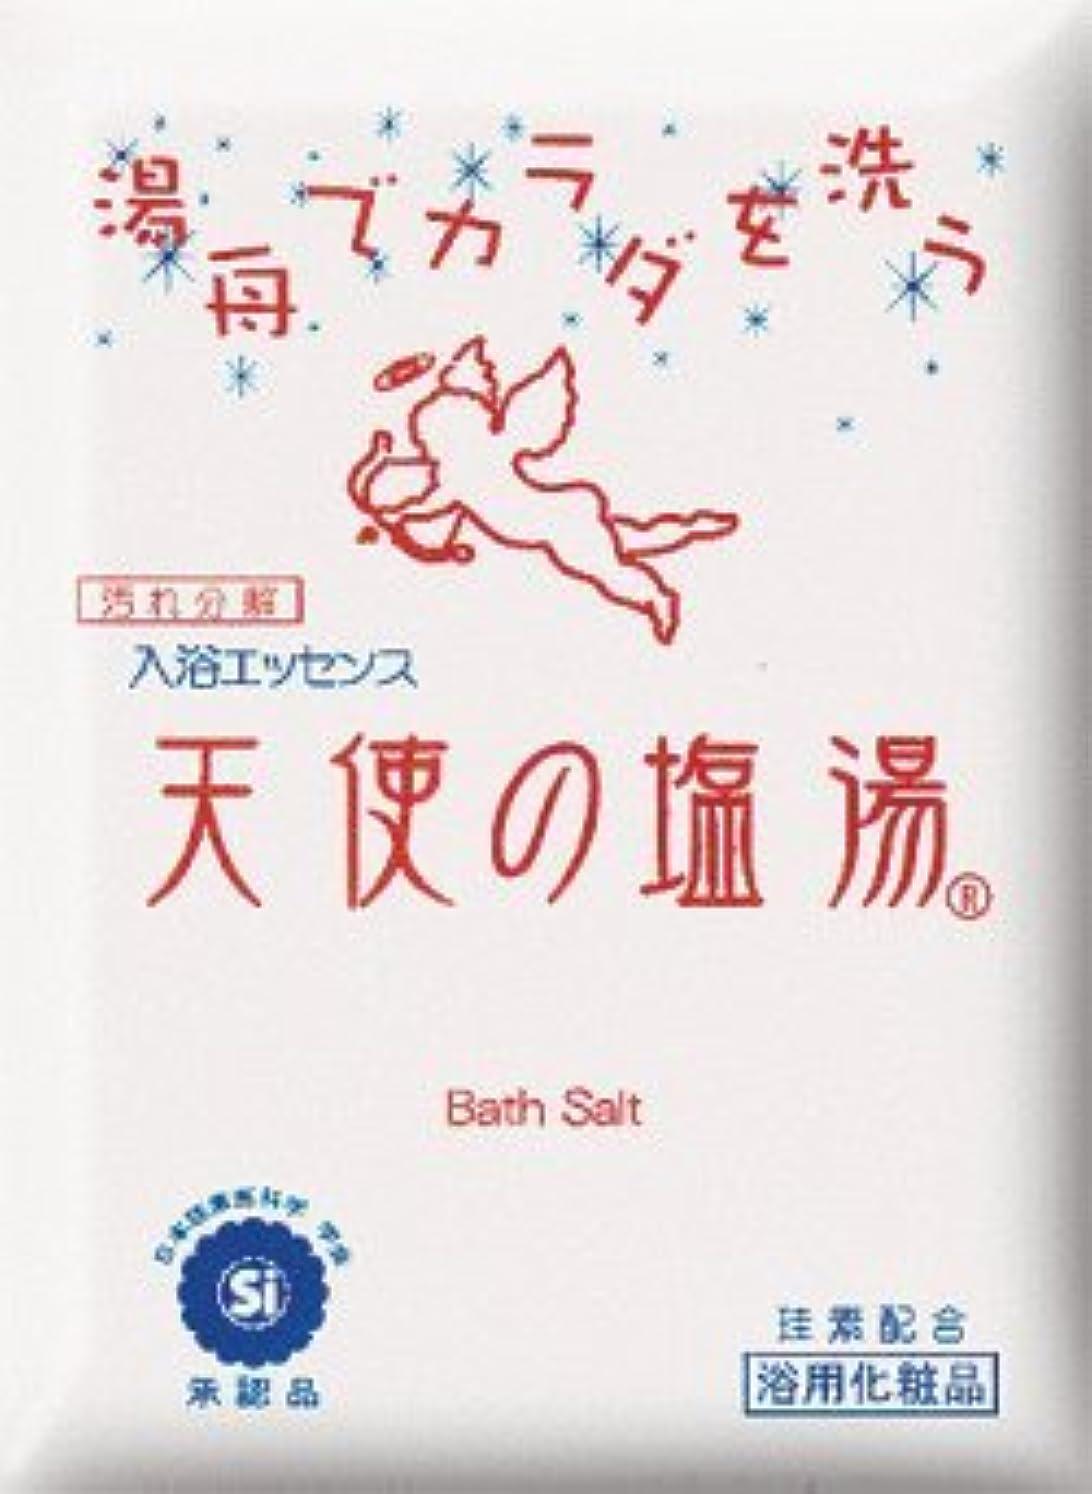 忘れっぽいの公天使の塩湯 (70g×20袋) ※浴槽でカラダを洗う!入浴エッセンス!